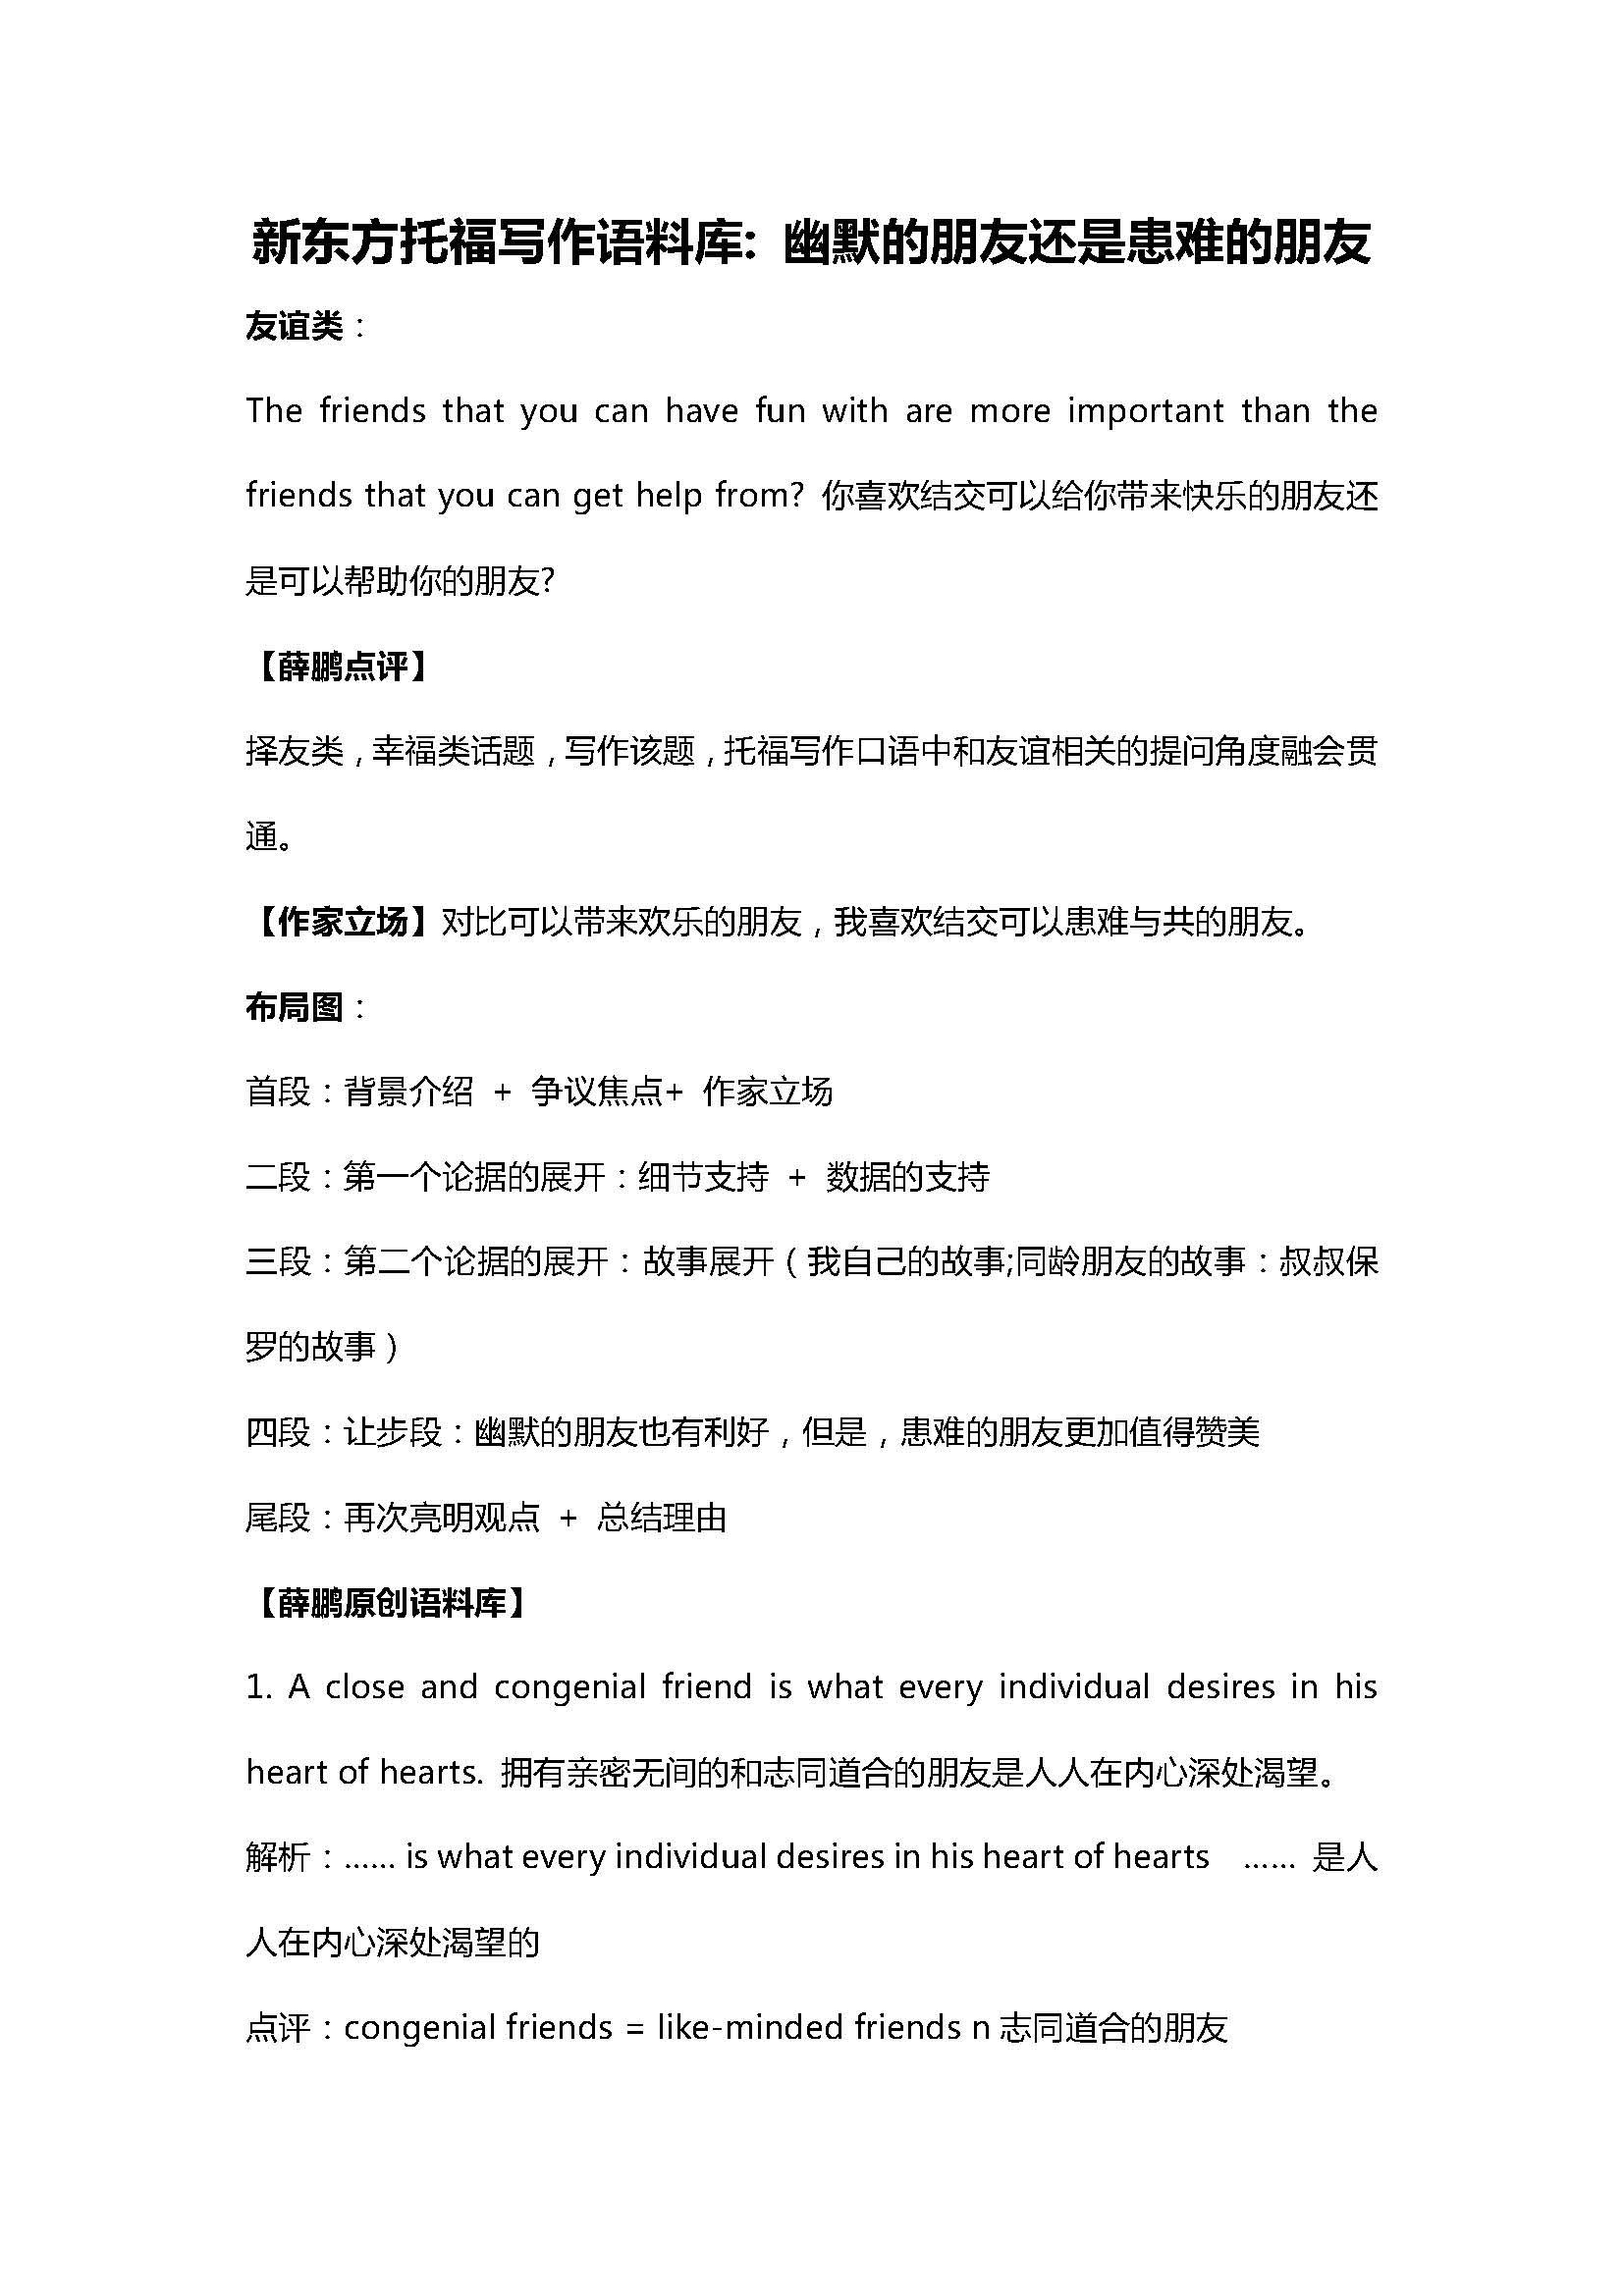 新东方托福写作语料库: 幽默的朋友还是患难的朋友